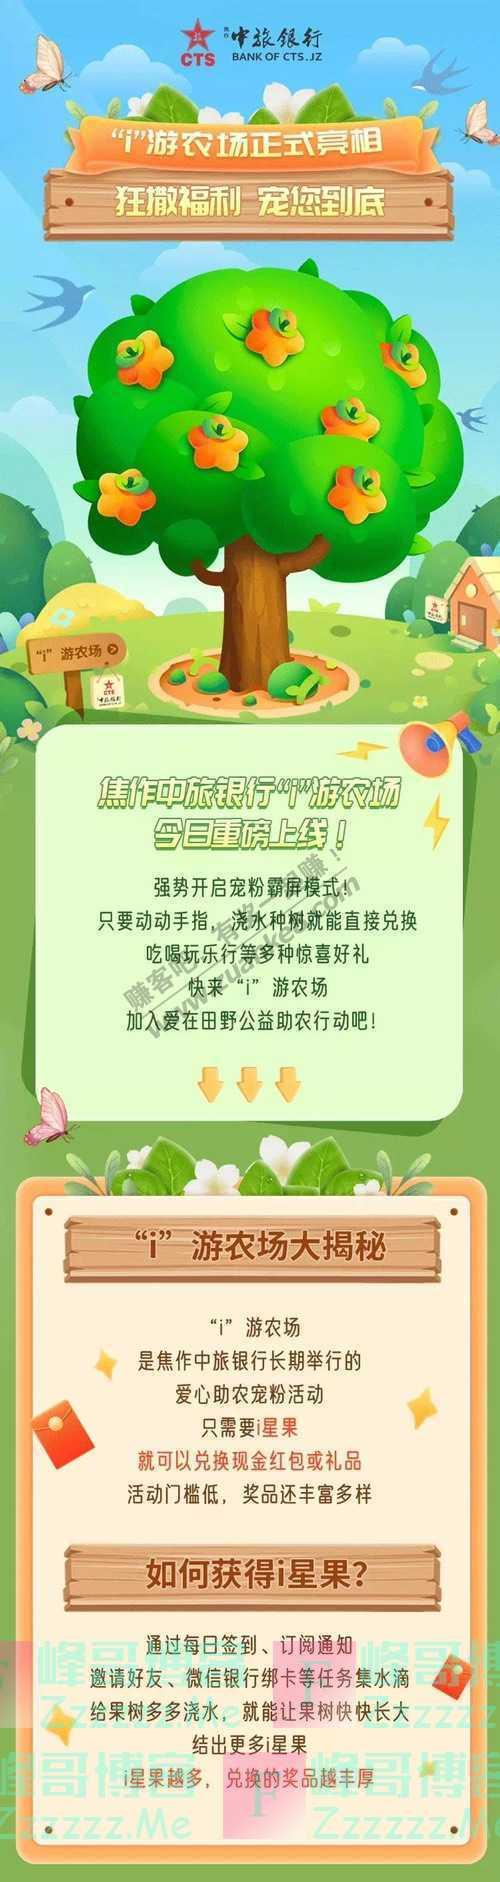 """焦作中旅银行福利加载99%!""""i""""游农场送大礼!(截止不详)"""